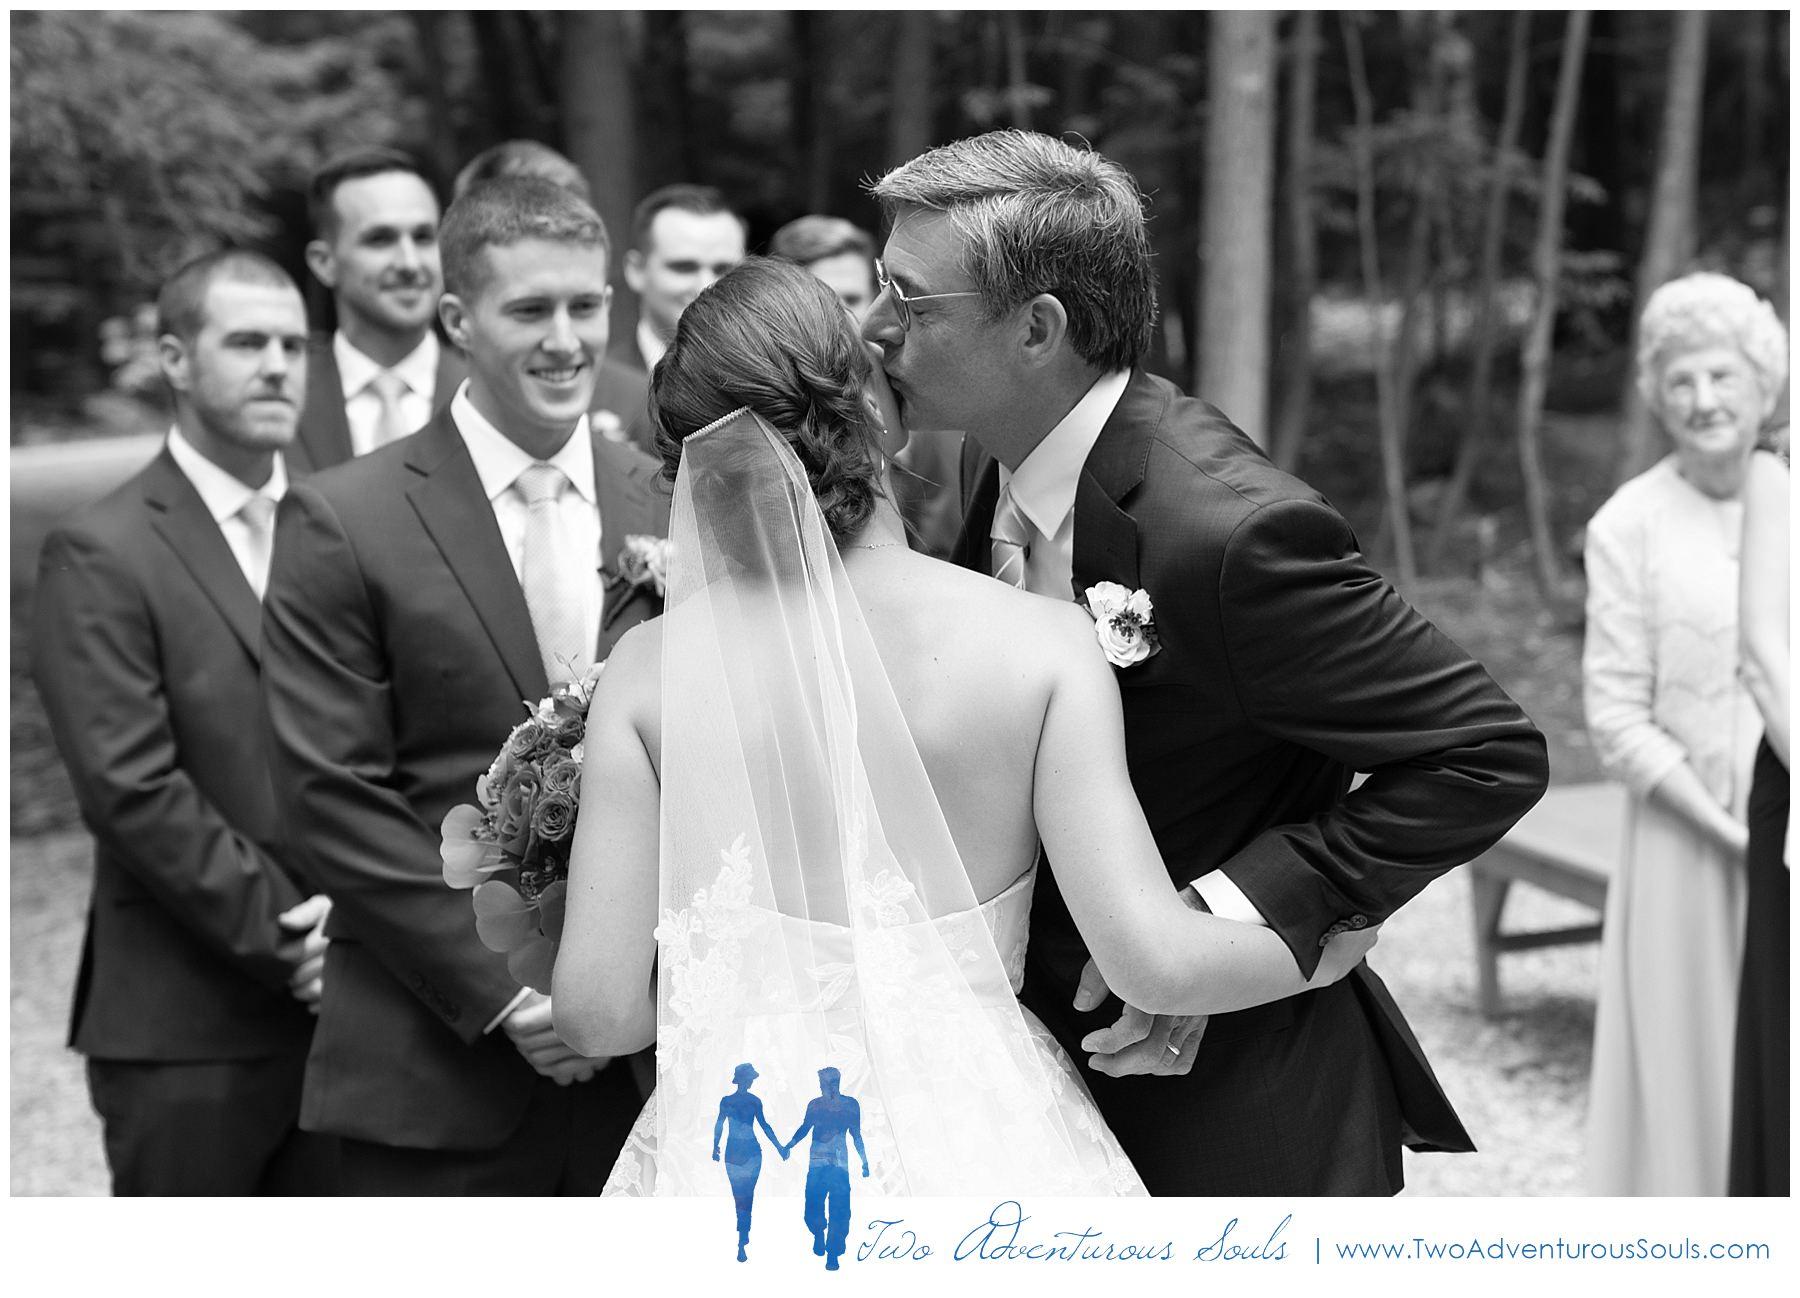 Maine Wedding Photographers, Granite Ridge Estate Wedding Photographers, Two Adventurous Souls - 080319_0035.jpg